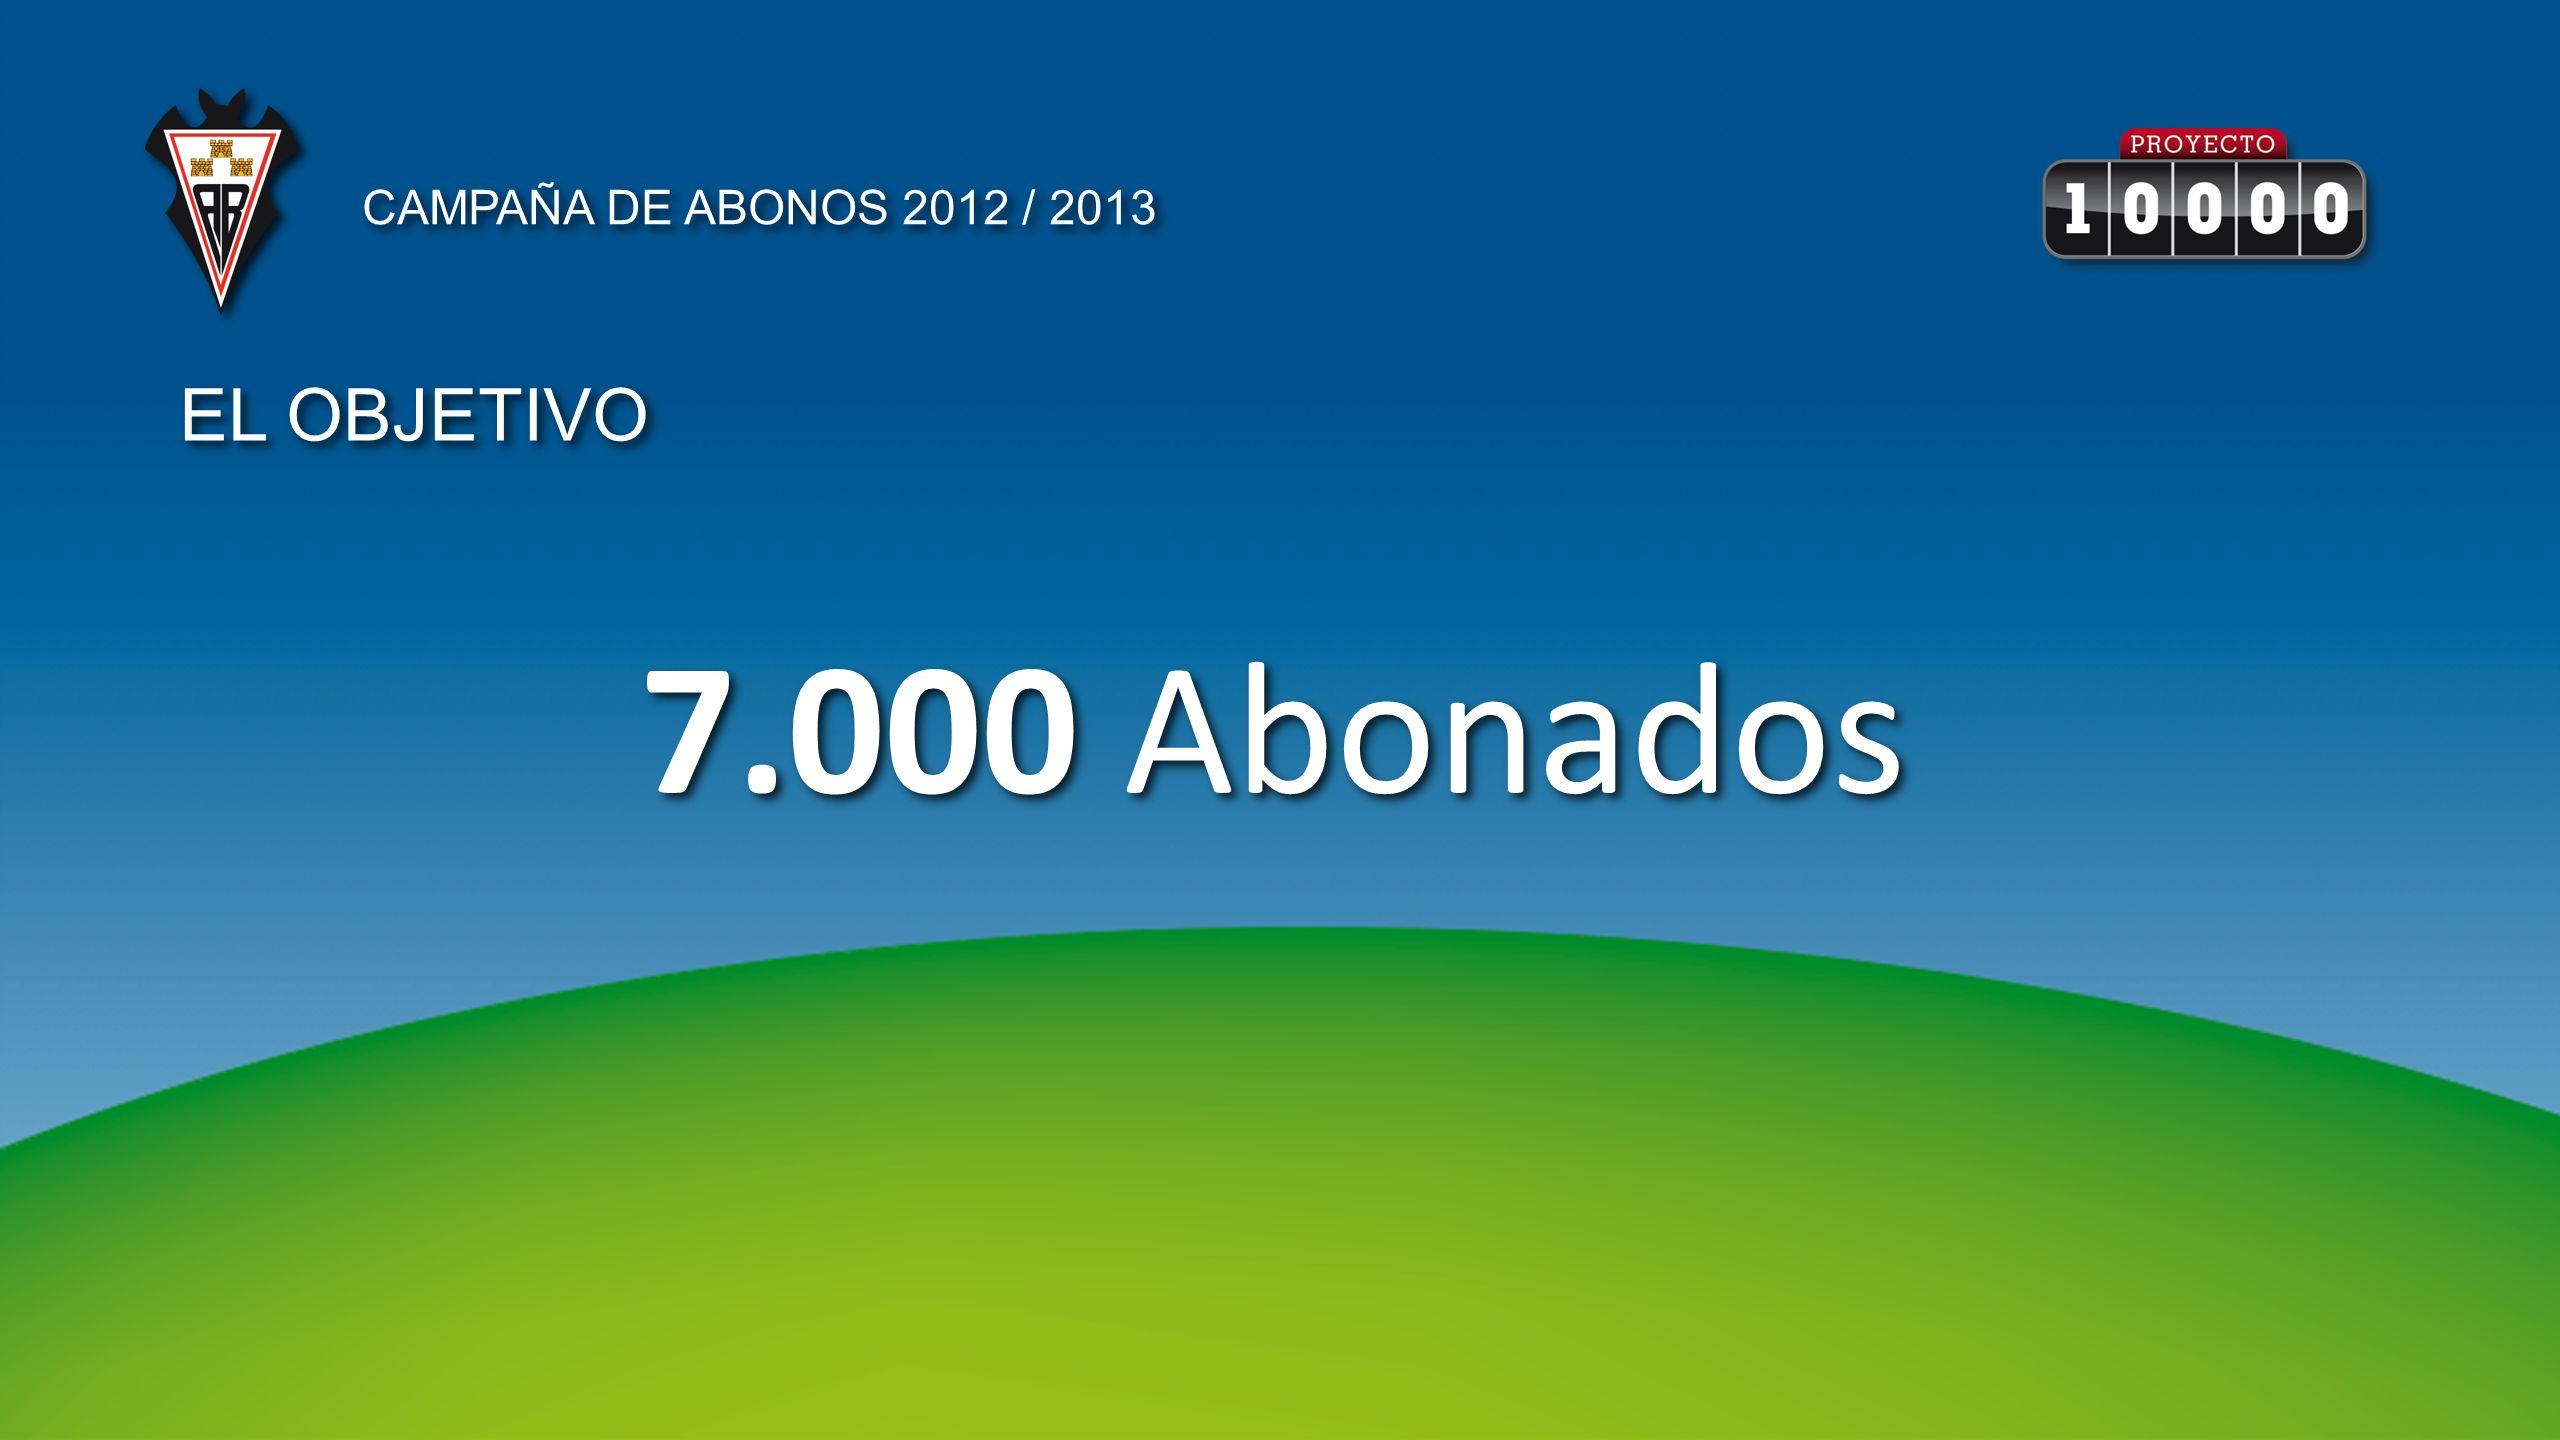 7.000 Abonados CAMPAÑA DE ABONOS 2012 / 2013 EL OBJETIVO